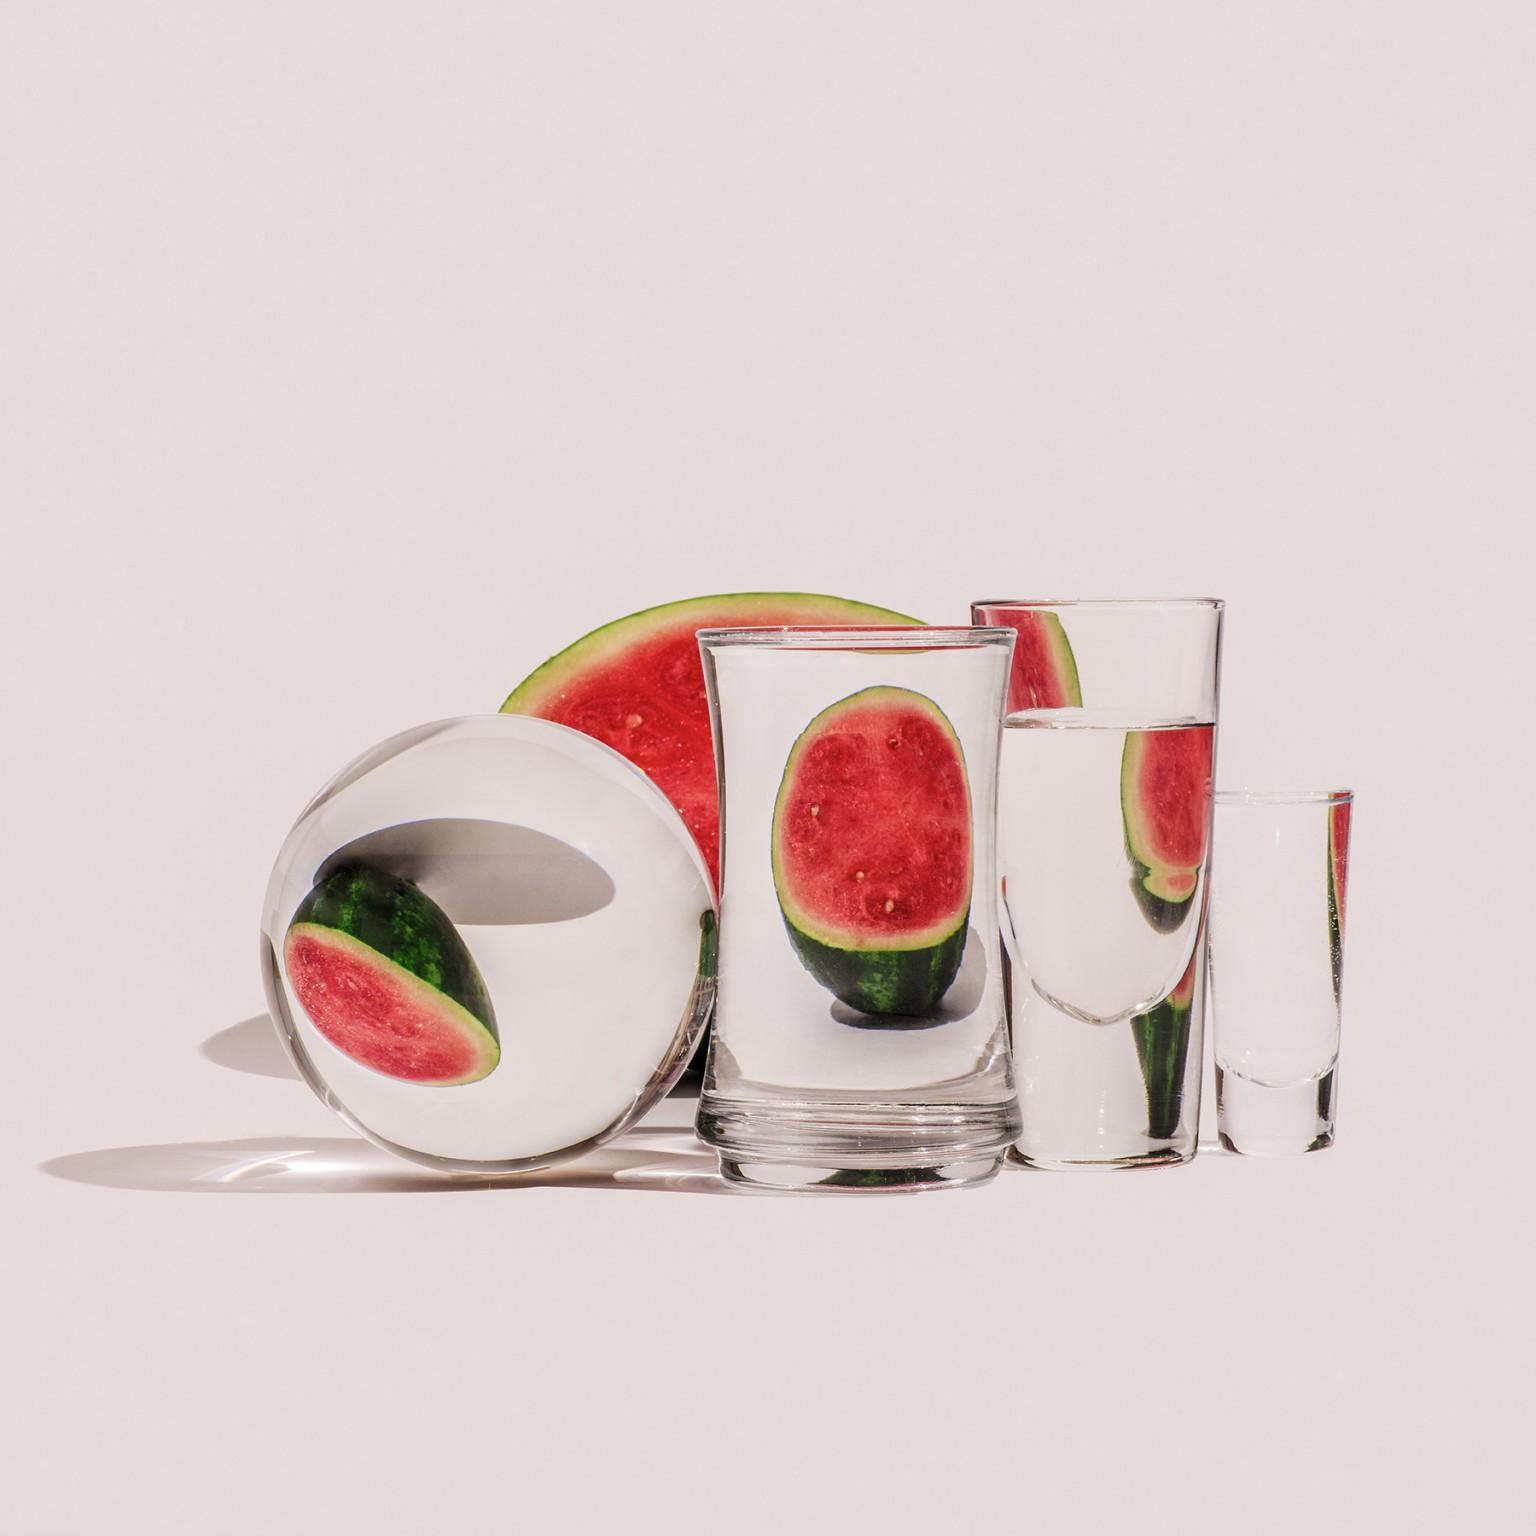 Perspective, le fotografie distorte di Suzanne Saroff   Collater.al 8